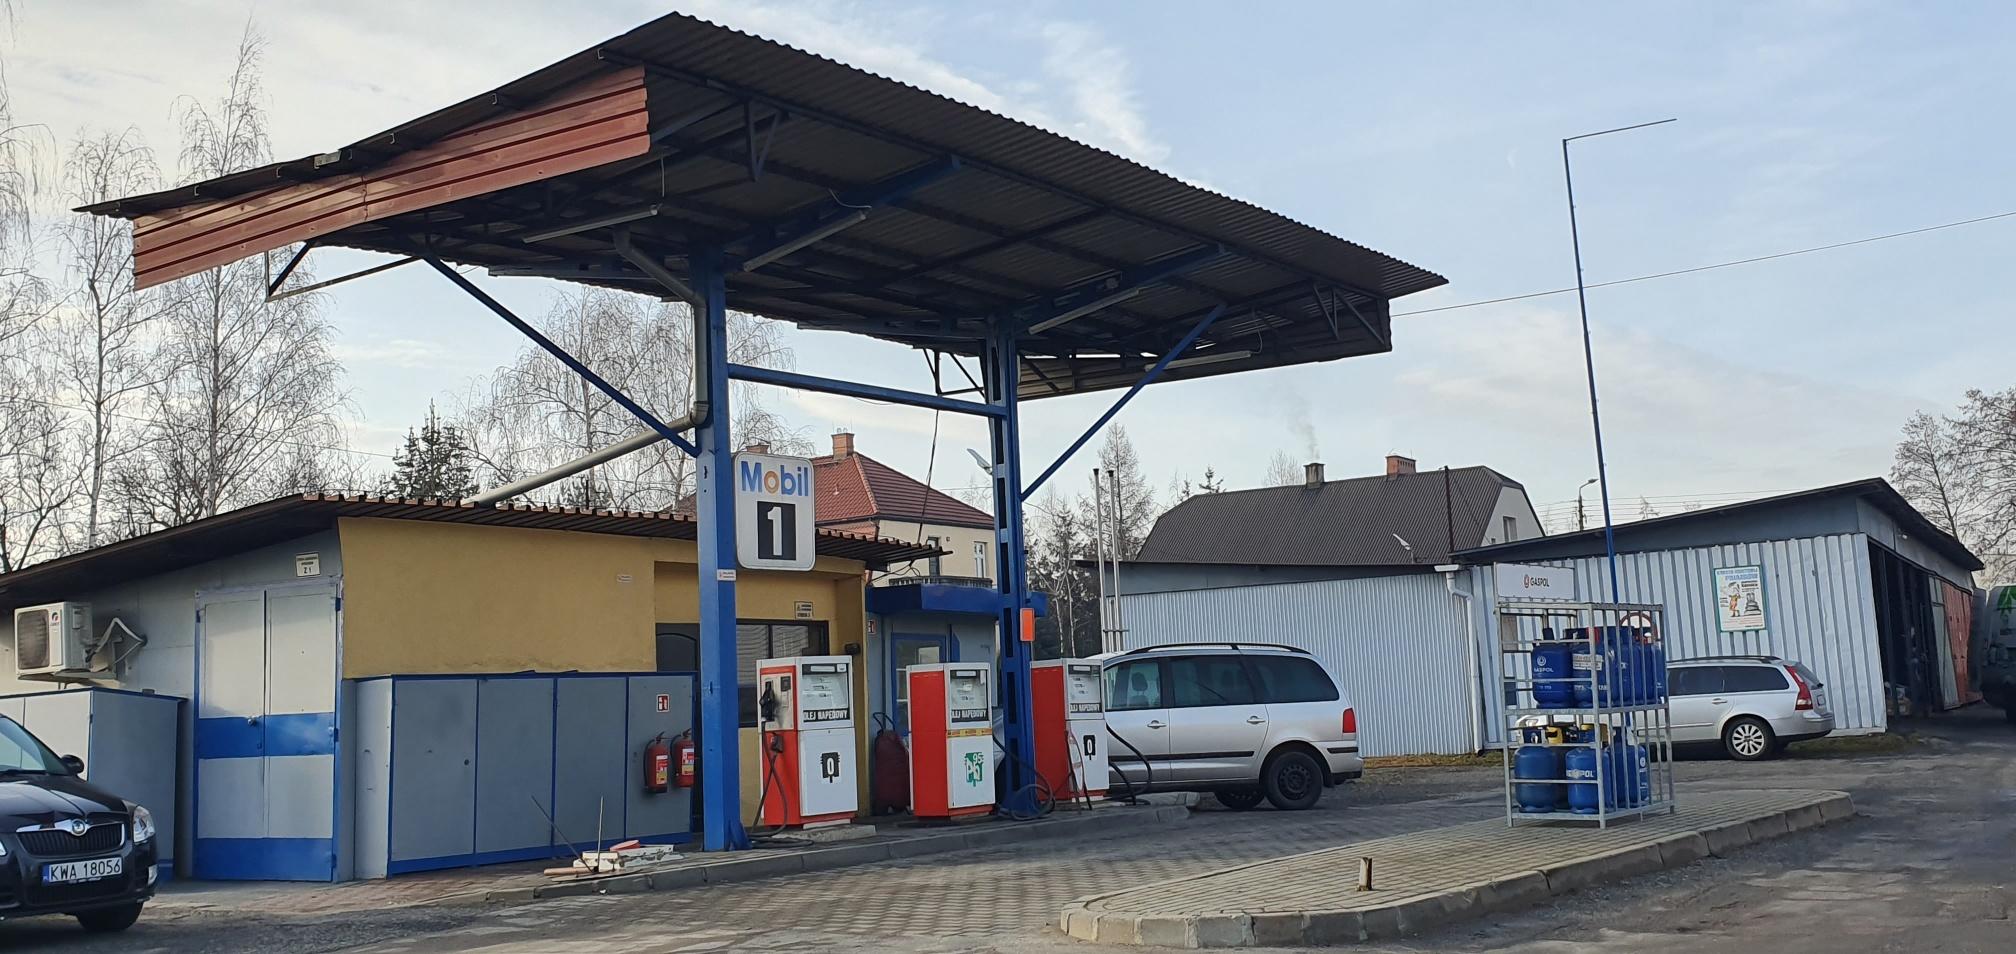 Za pół roku otwarcie kolejnej nowej (starej) stacji paliw w Andrychowie